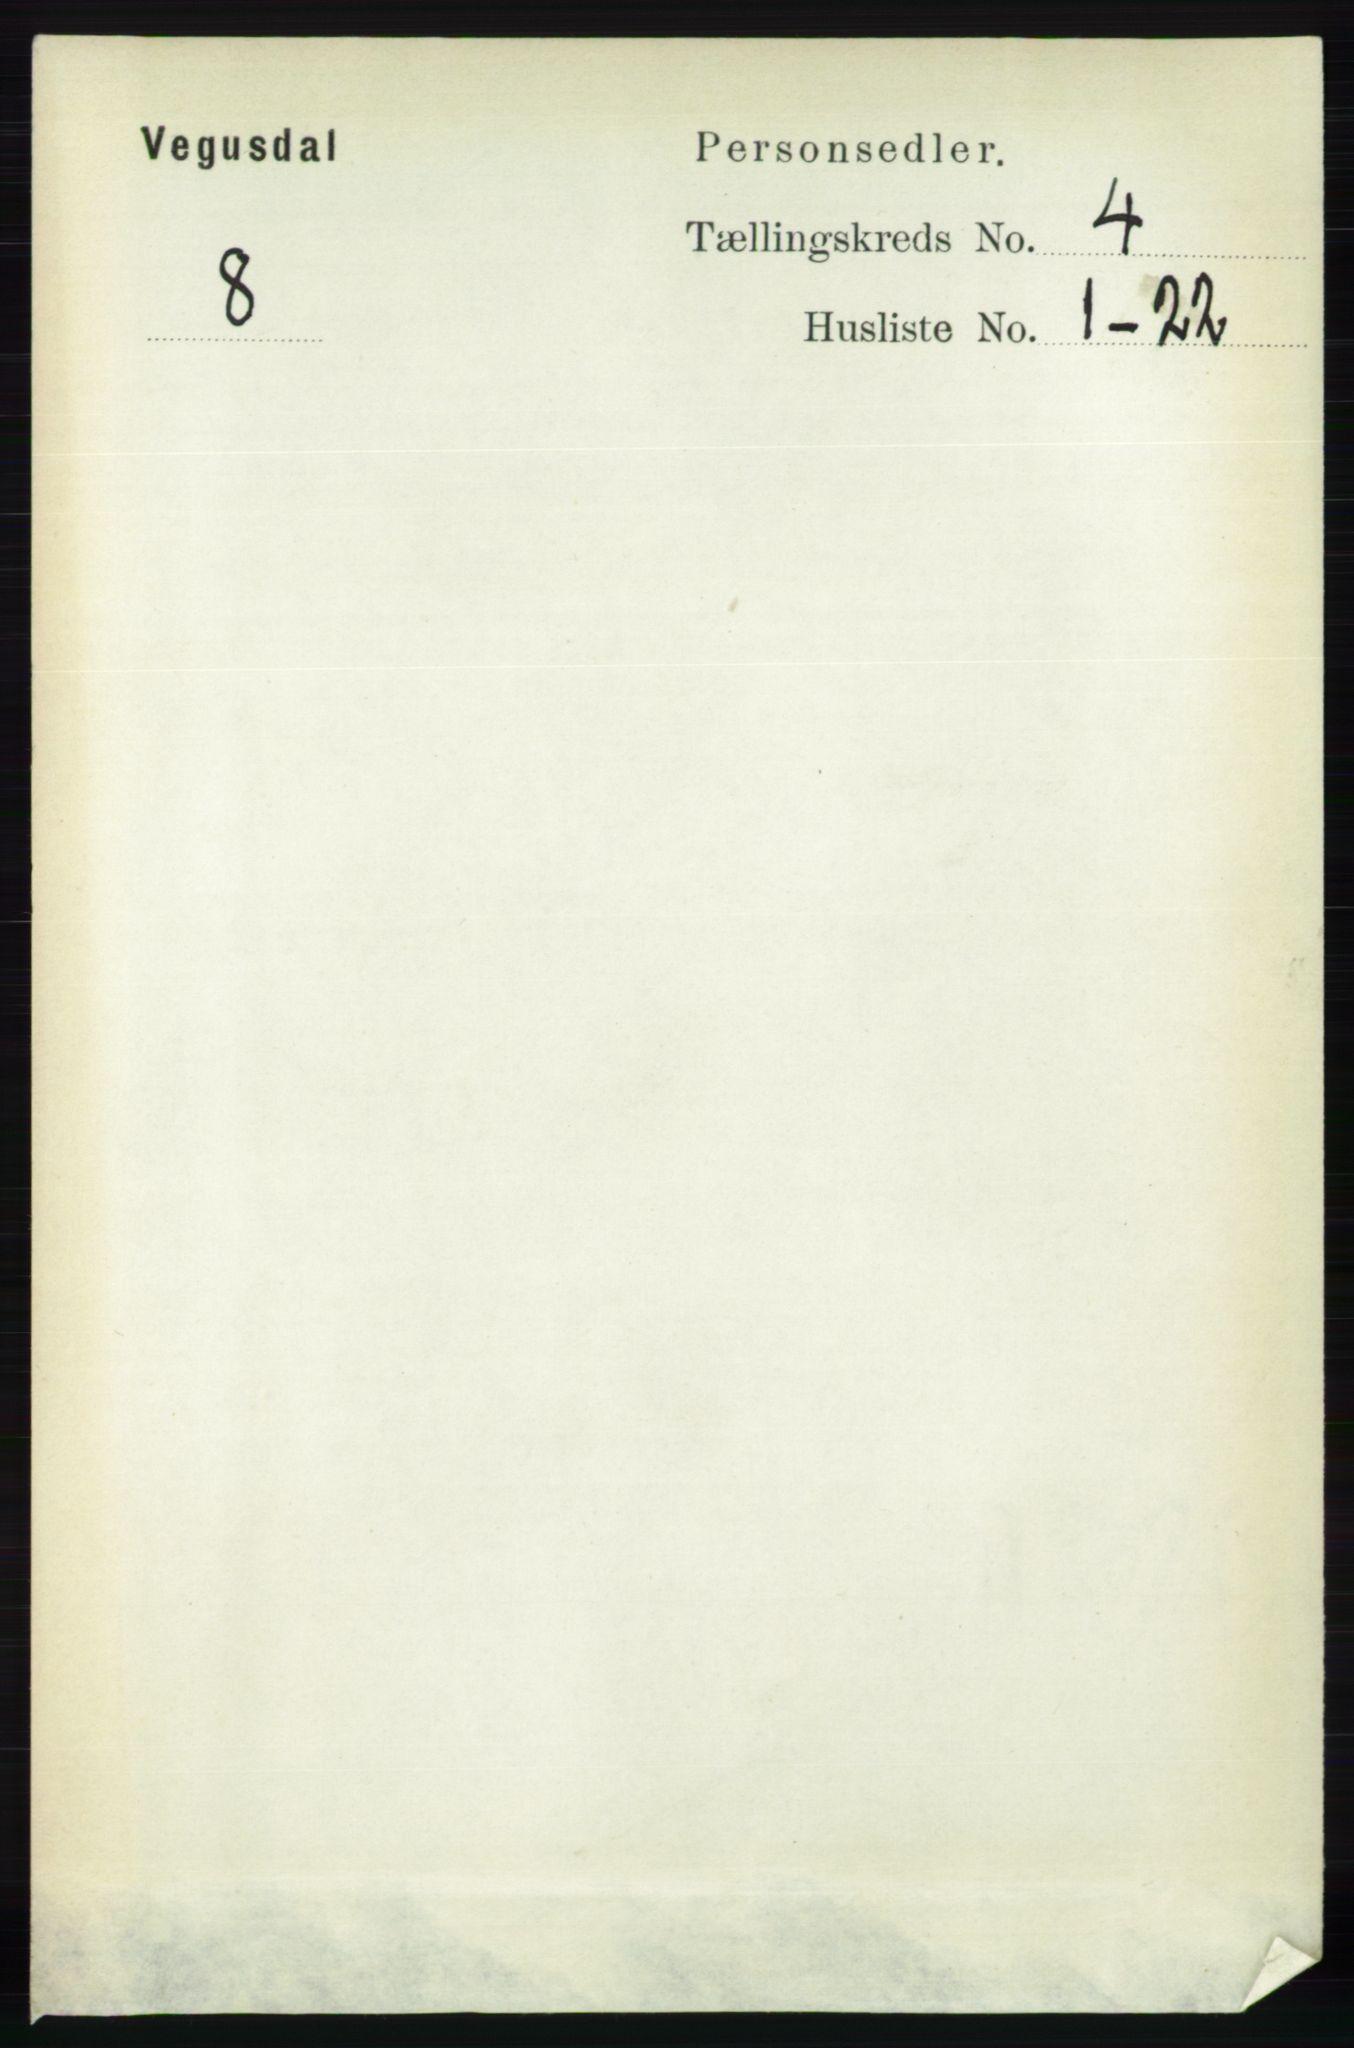 RA, Folketelling 1891 for 0934 Vegusdal herred, 1891, s. 710